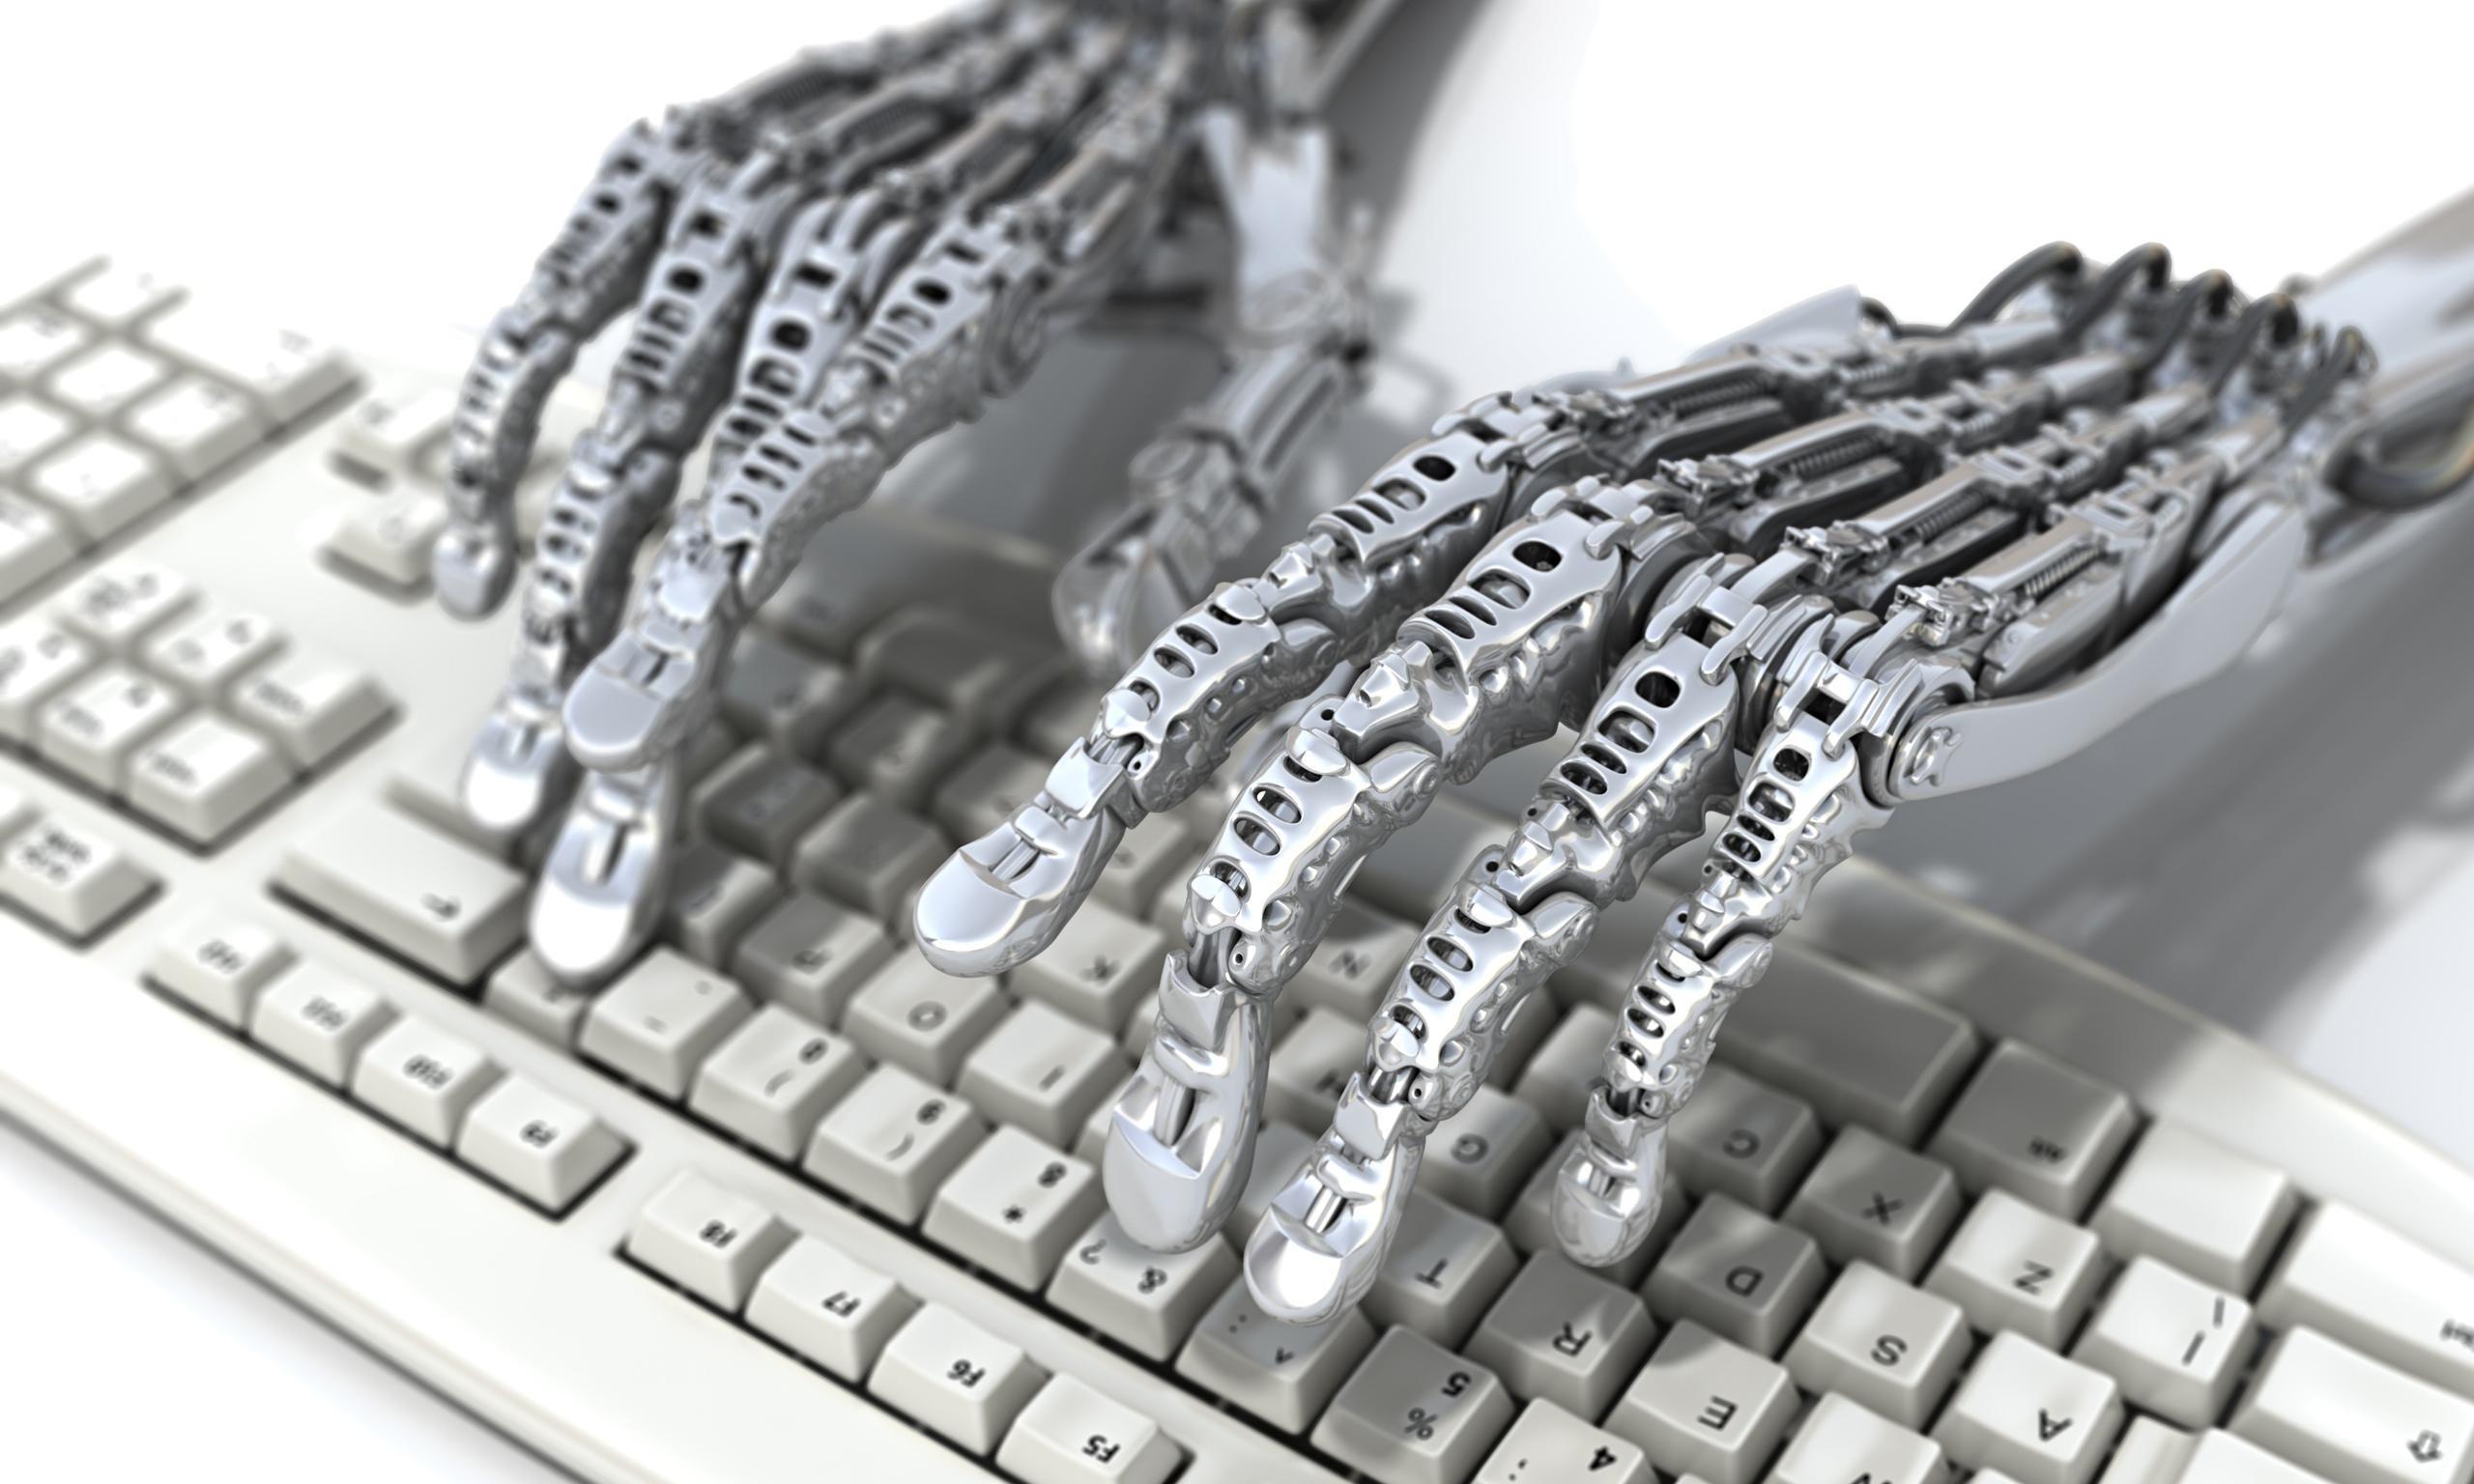 인공지능 저널리즘은 있다? 없다?